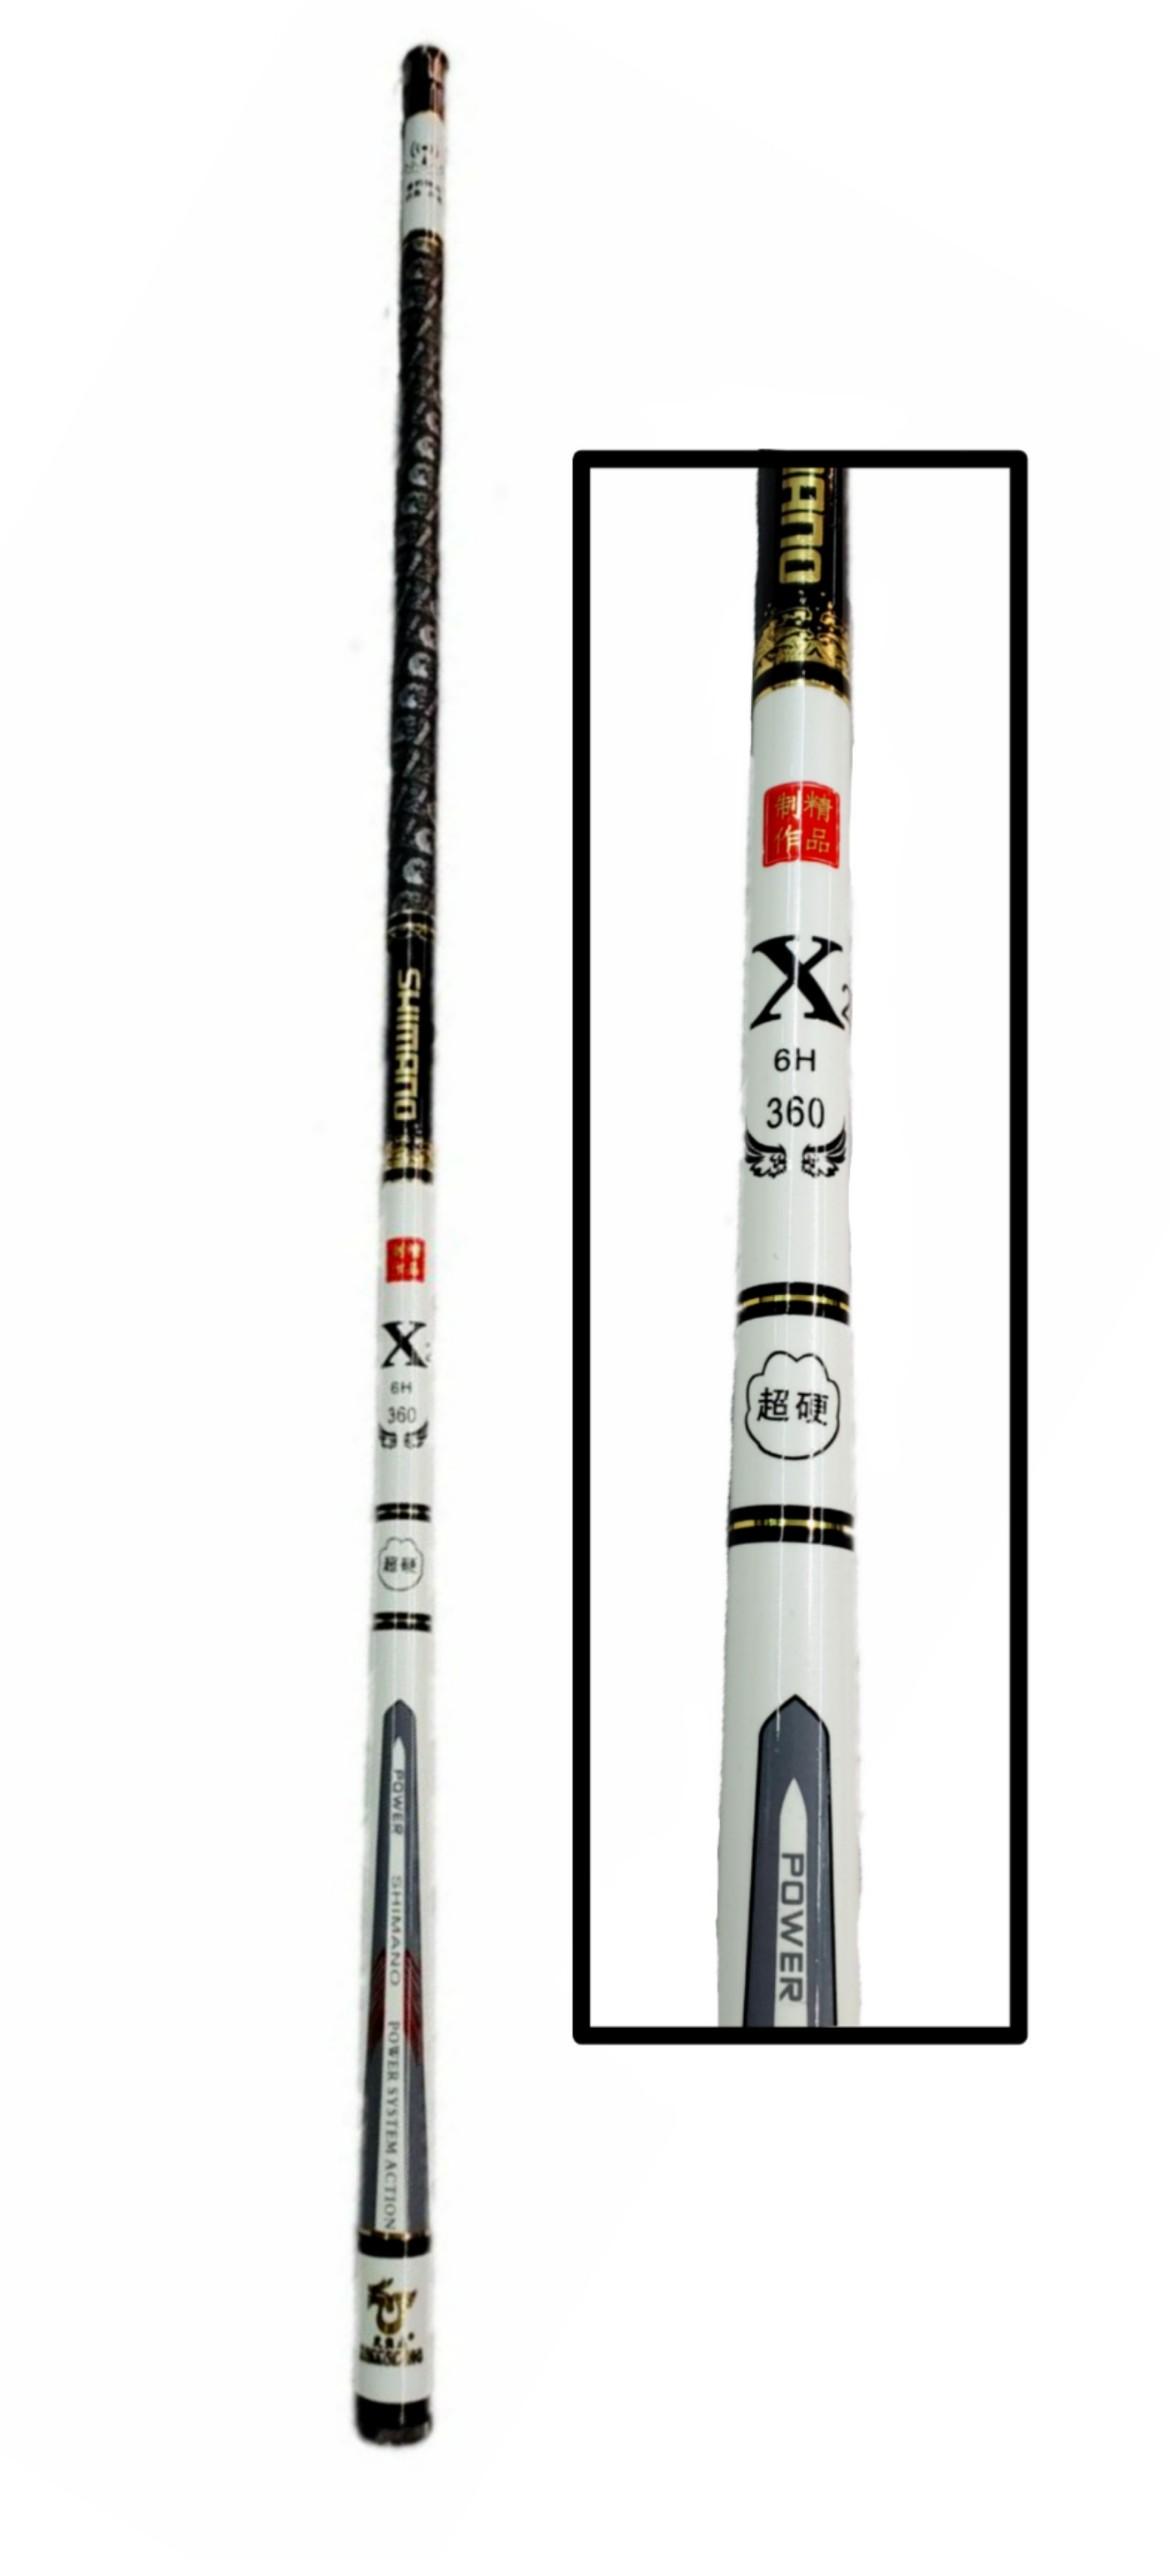 Cần tay Shimano -X2- 6h